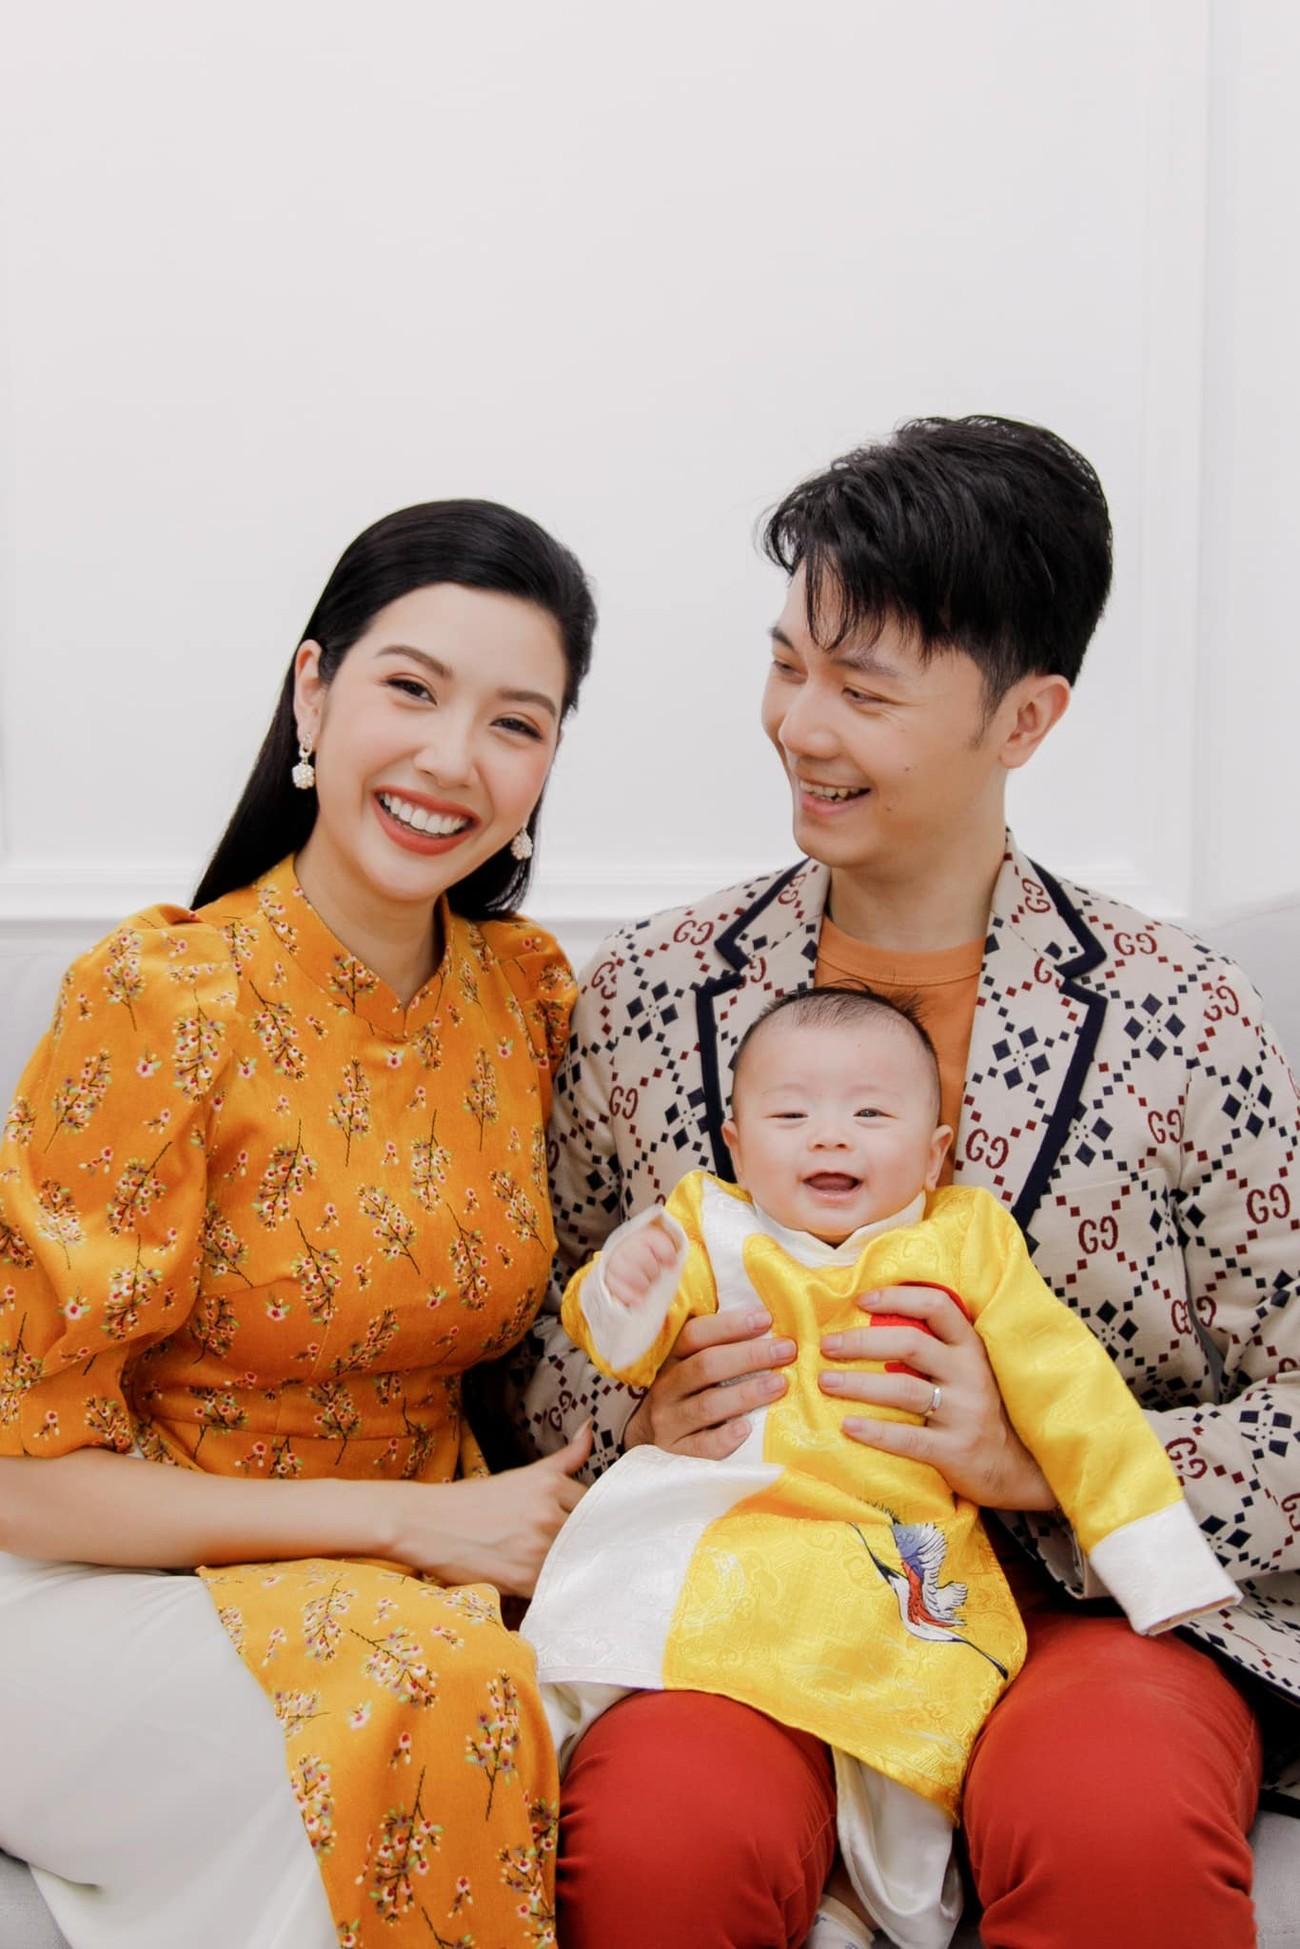 Hoa hậu Tiểu Vy khoe ảnh mẹ diện áo dài ngày mùng 1 Tết, fans trầm trồ vì nhan sắc trẻ đẹp ảnh 19